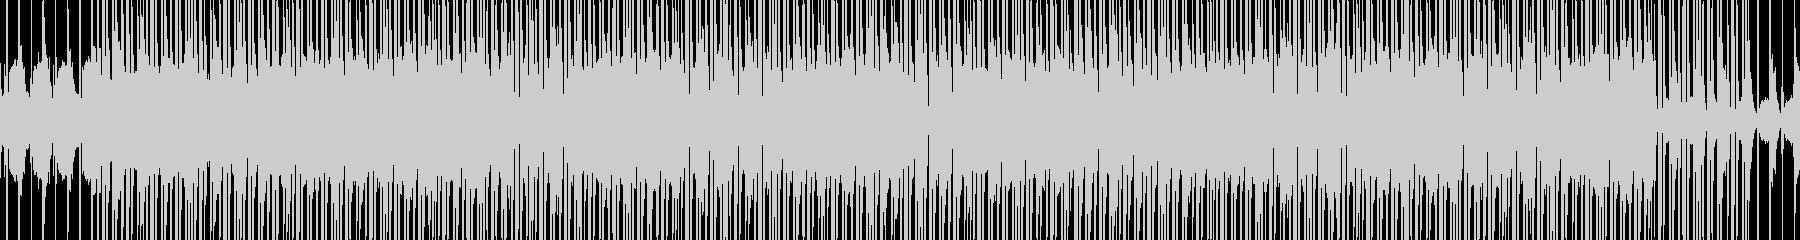 商業用BGM(ポップ)の未再生の波形